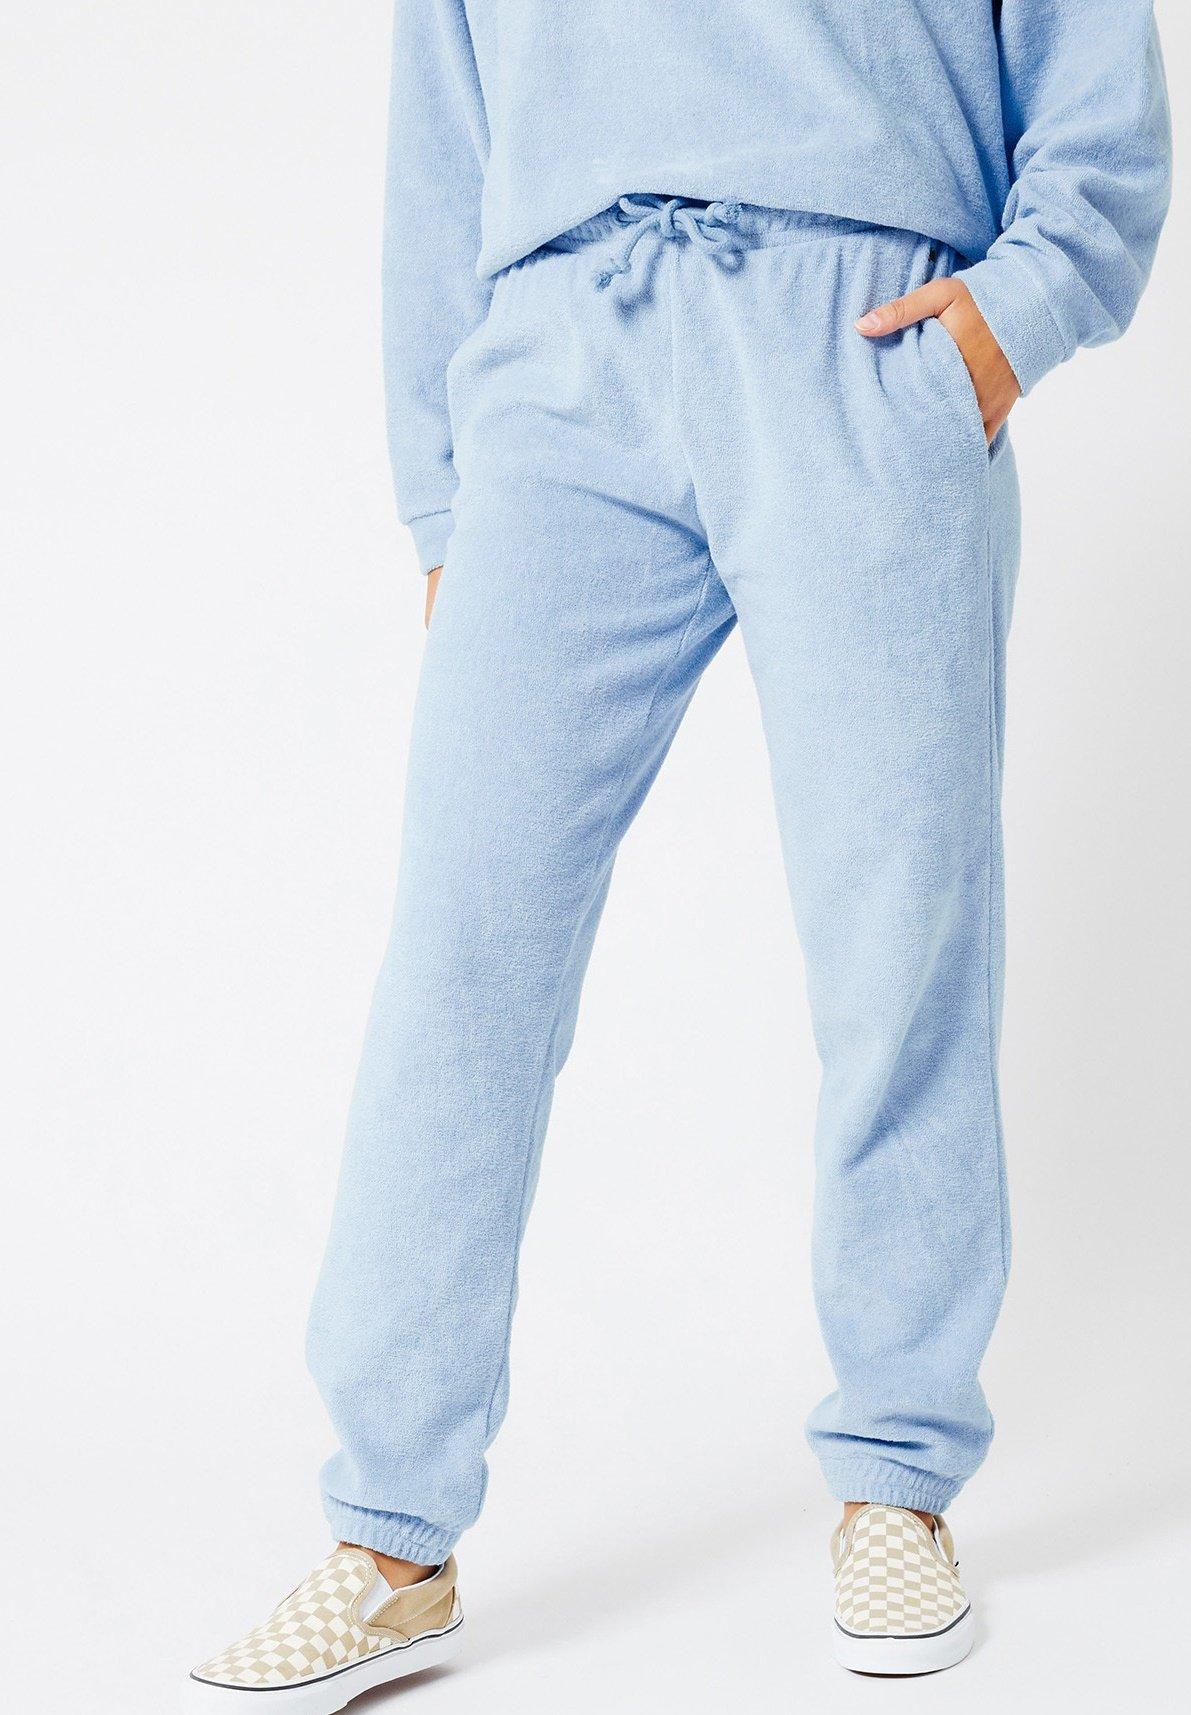 Damen MIA - Nachtwäsche Hose